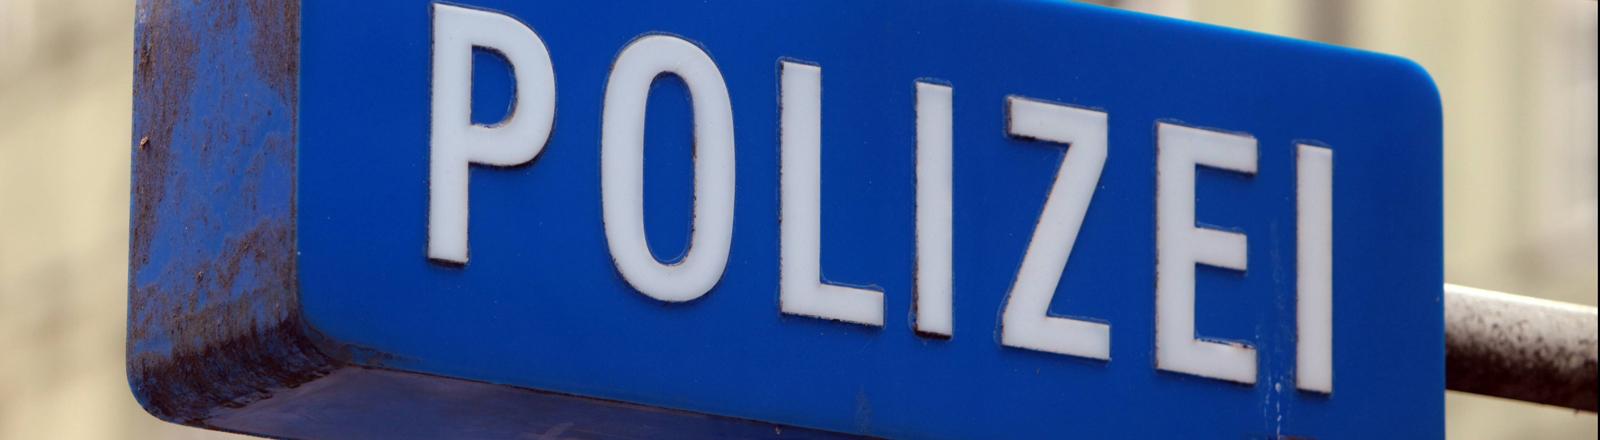 Polizeischild in München